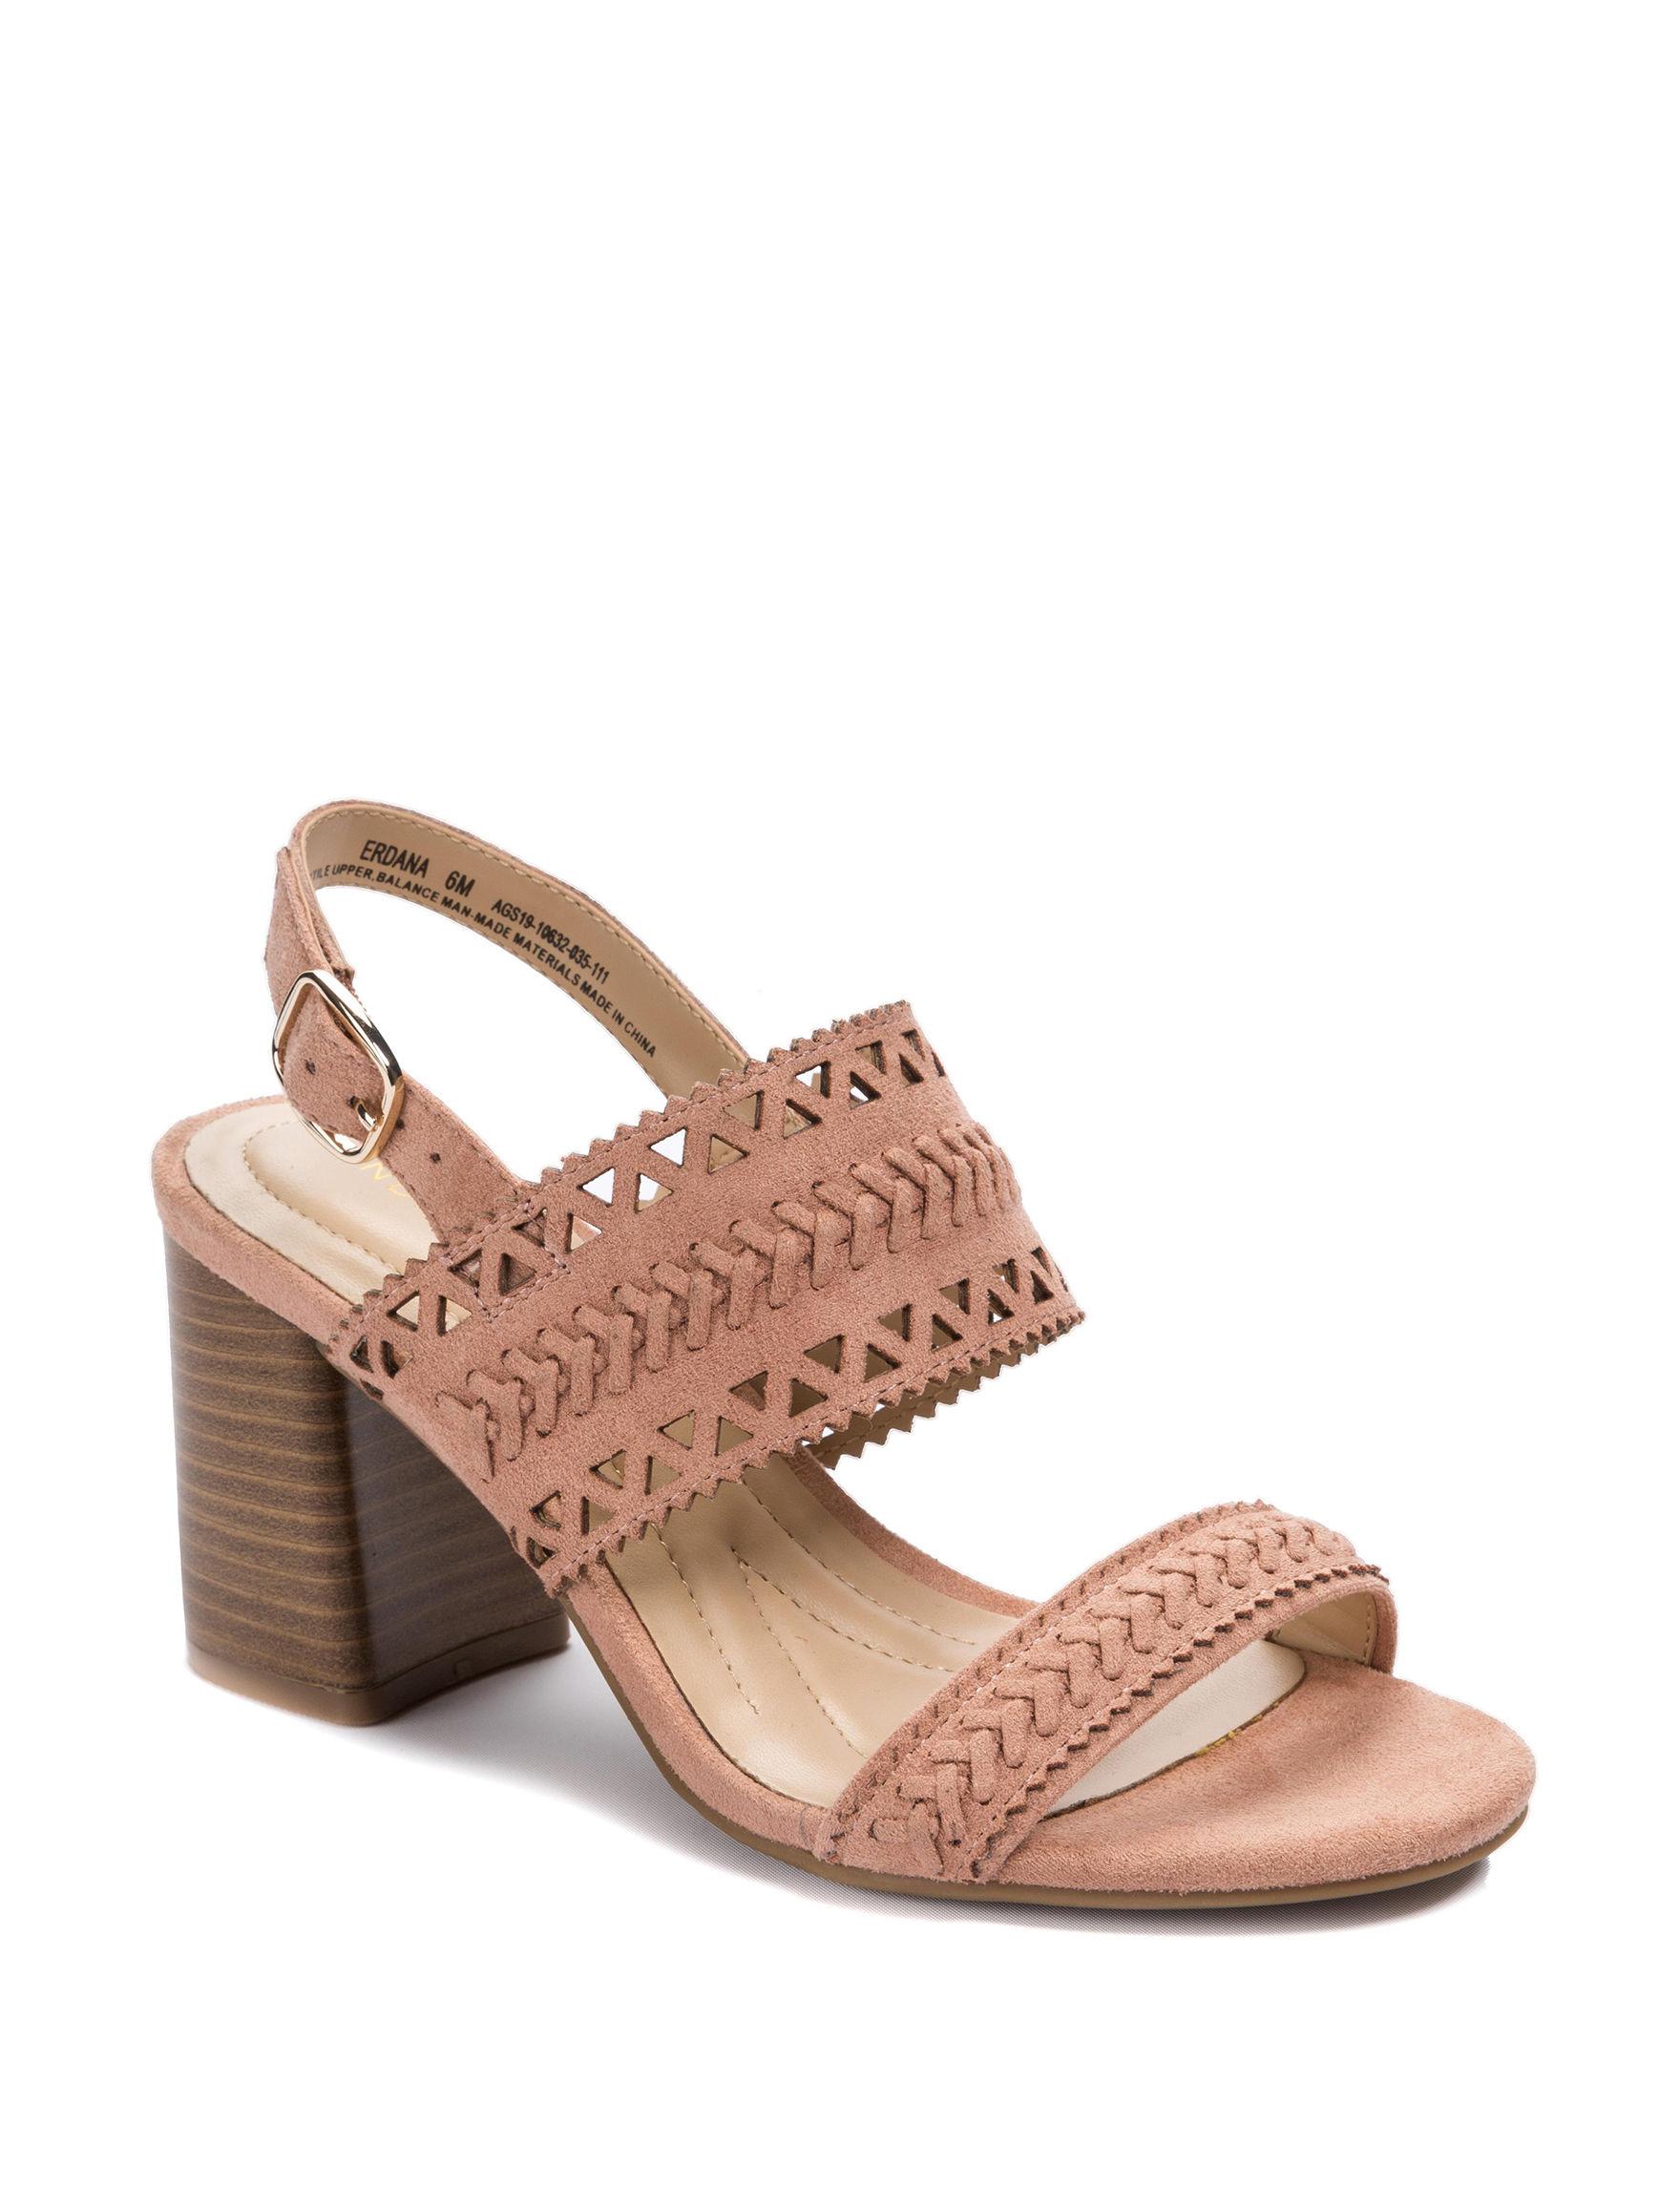 Andrew Geller Pink Heeled Sandals